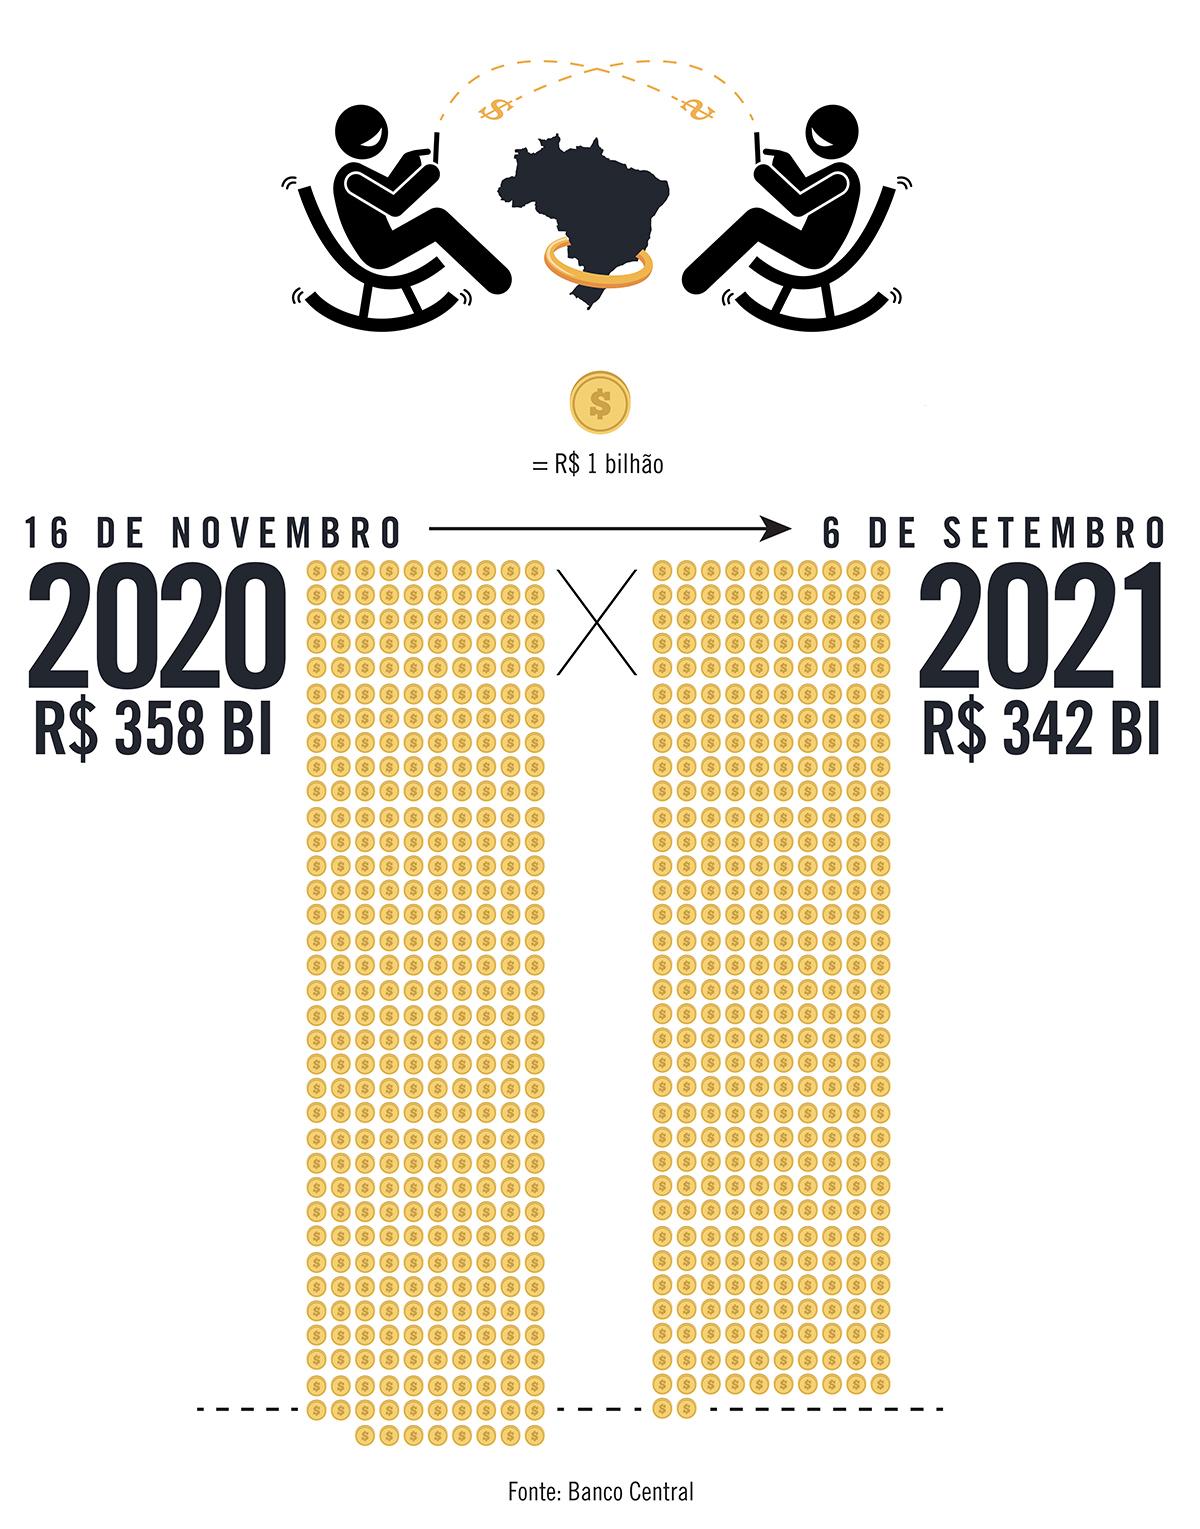 Depois do Pix, dinheiro em circulação no Brasil caiu 4,4%